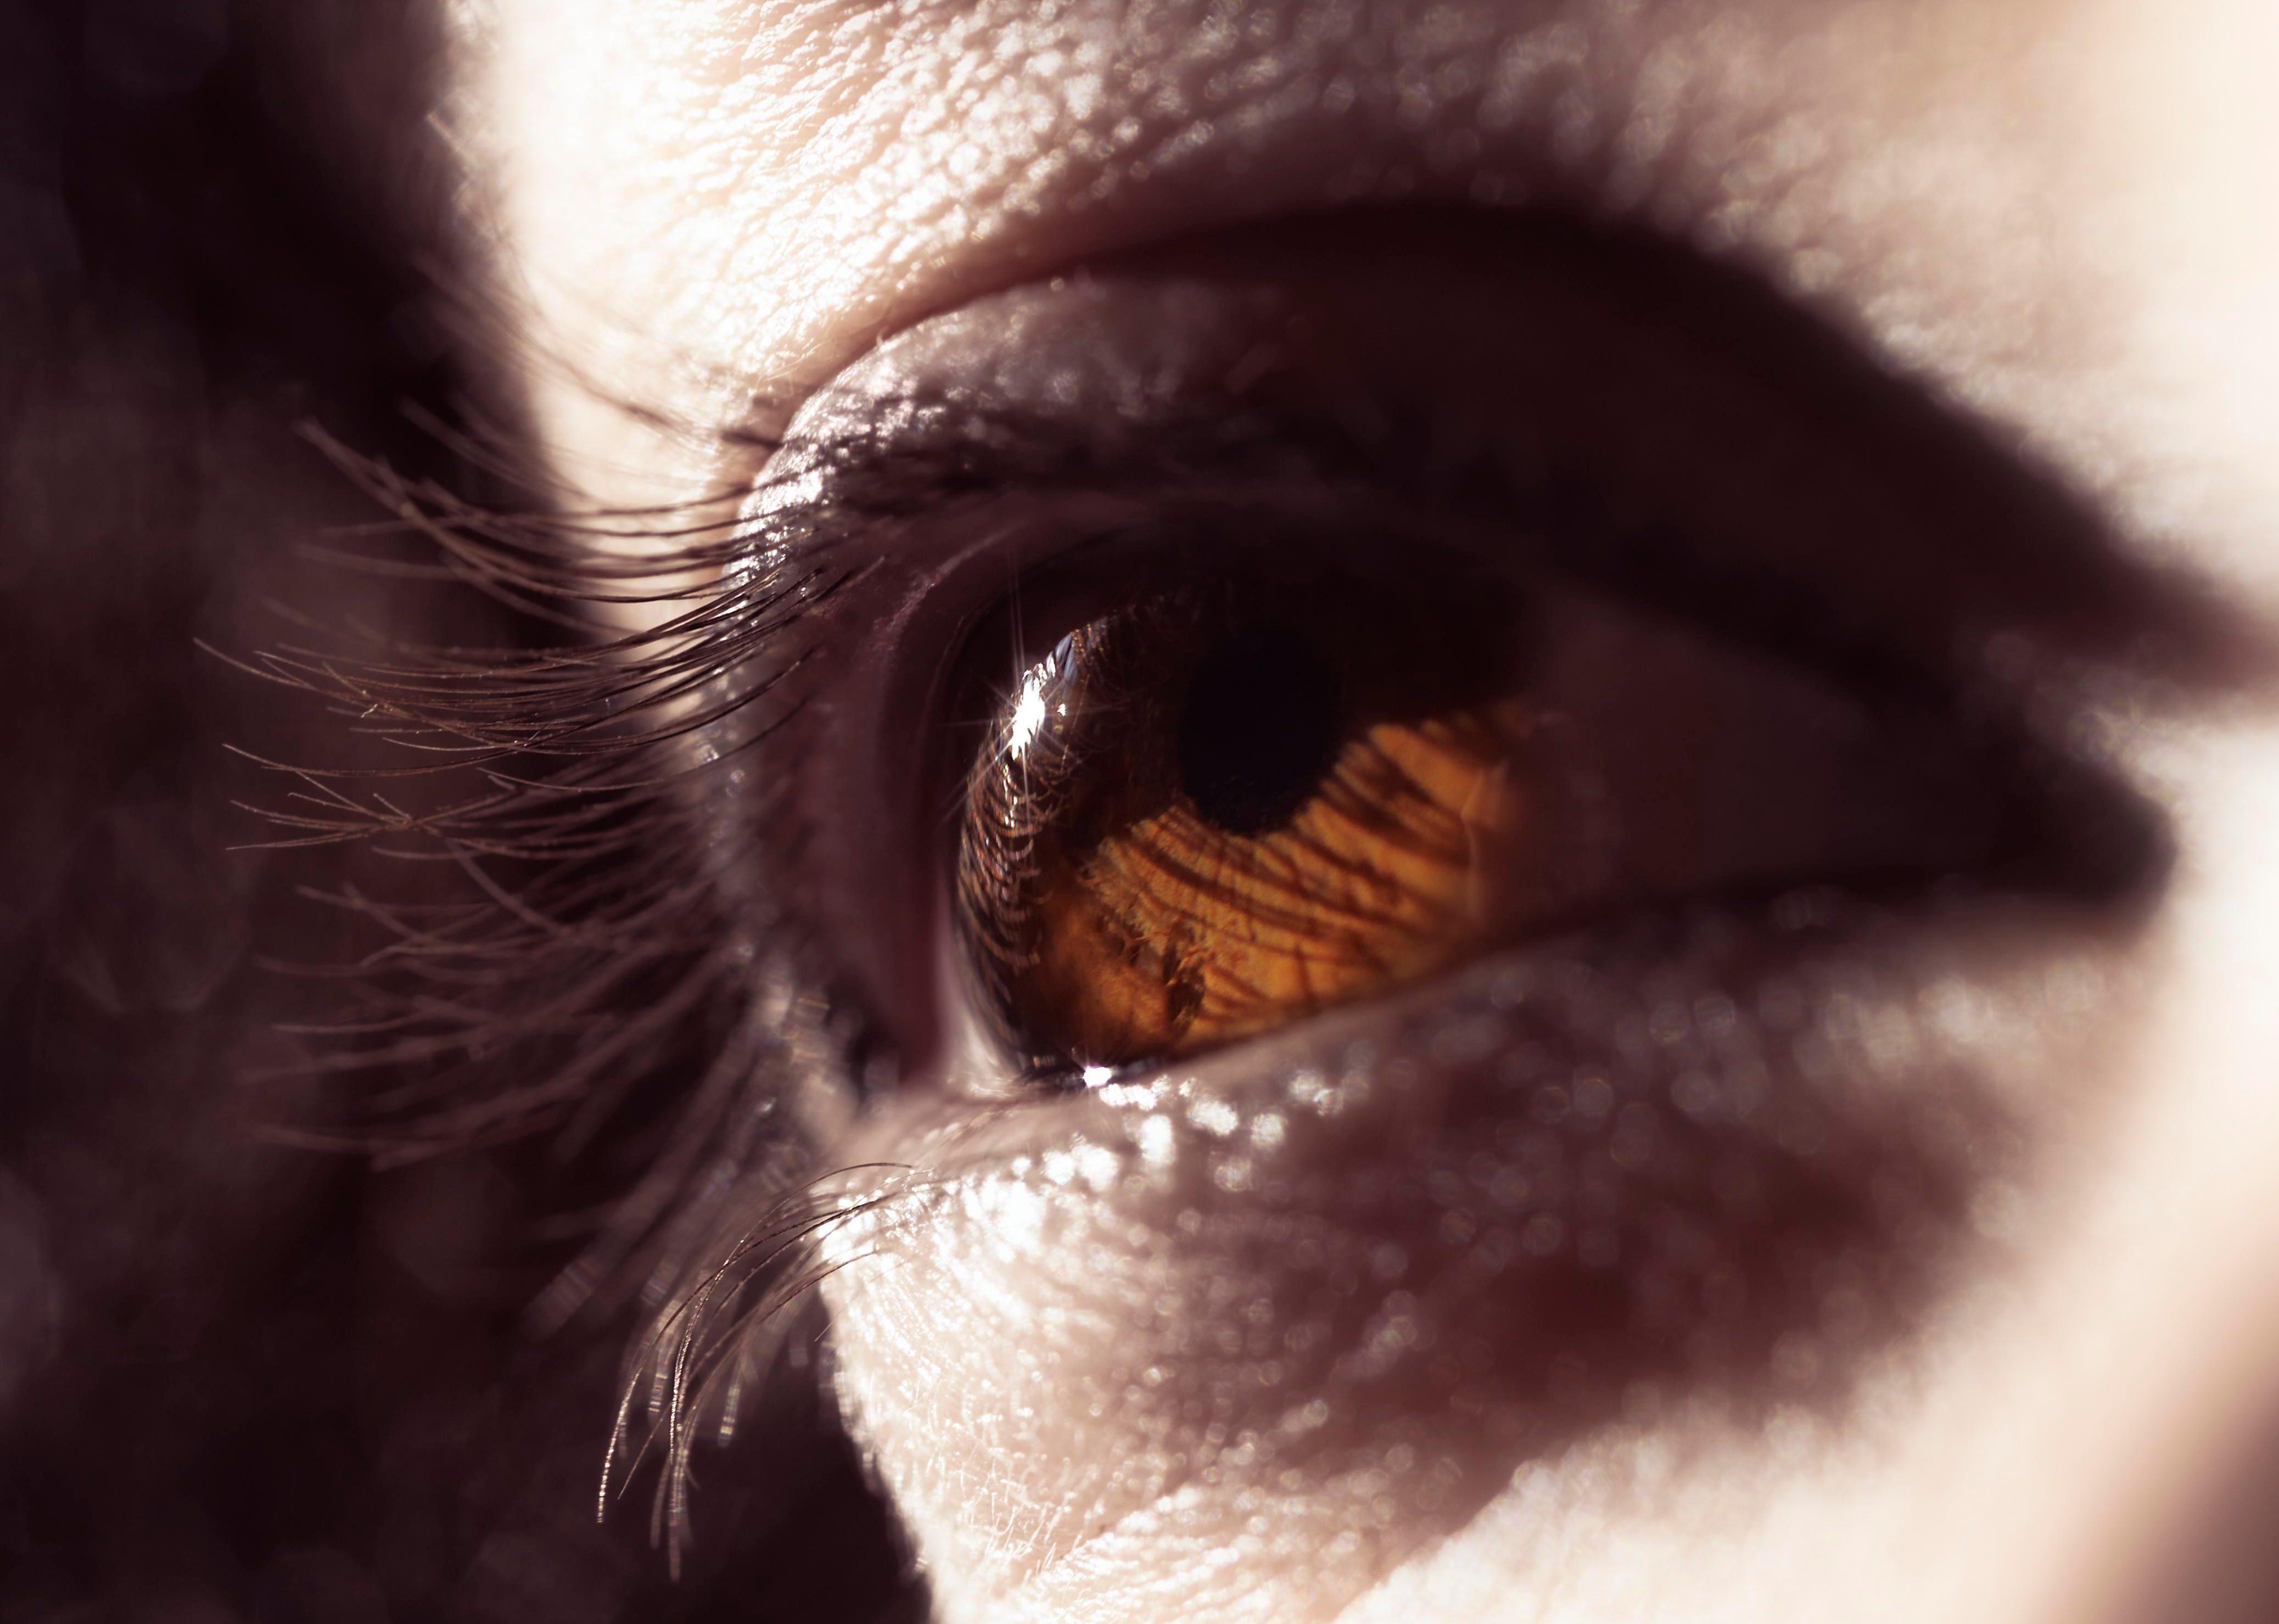 Closeup, a woman's brown eye